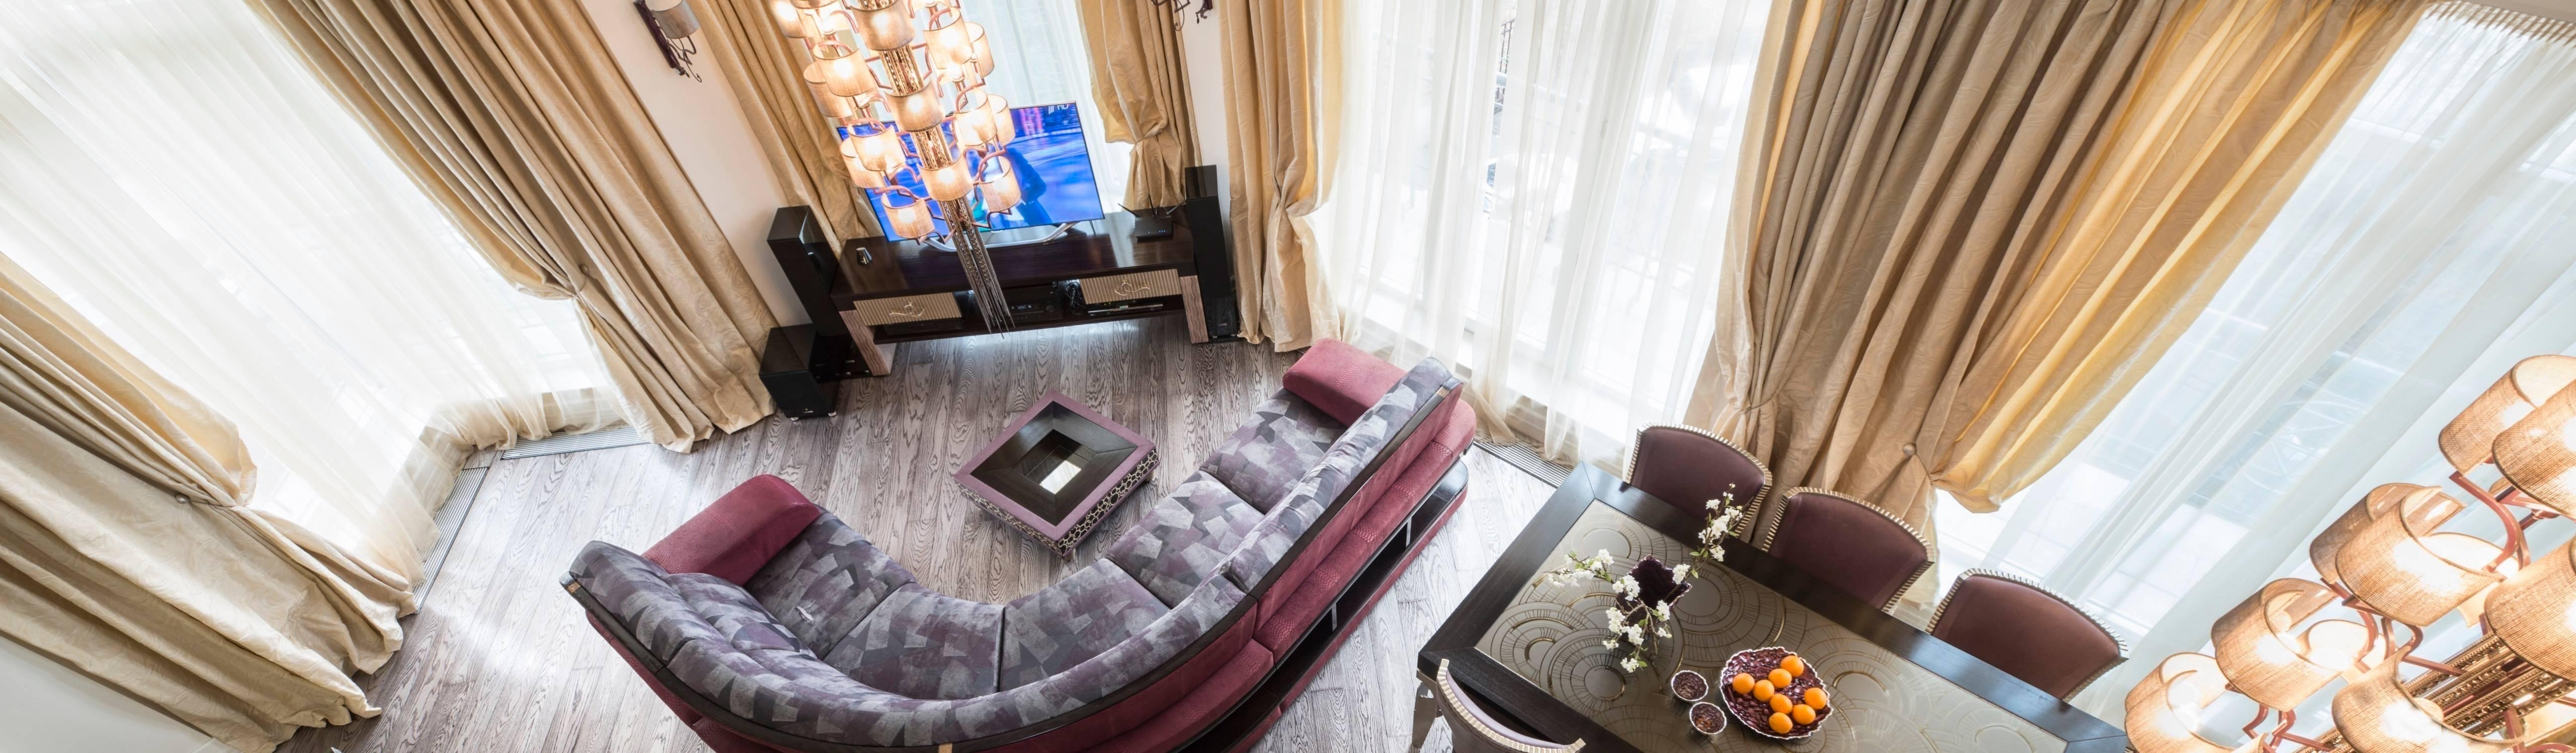 Архитектурно-дизайнерское бюро Натальи Медведевой <q>APRIORI design</q>